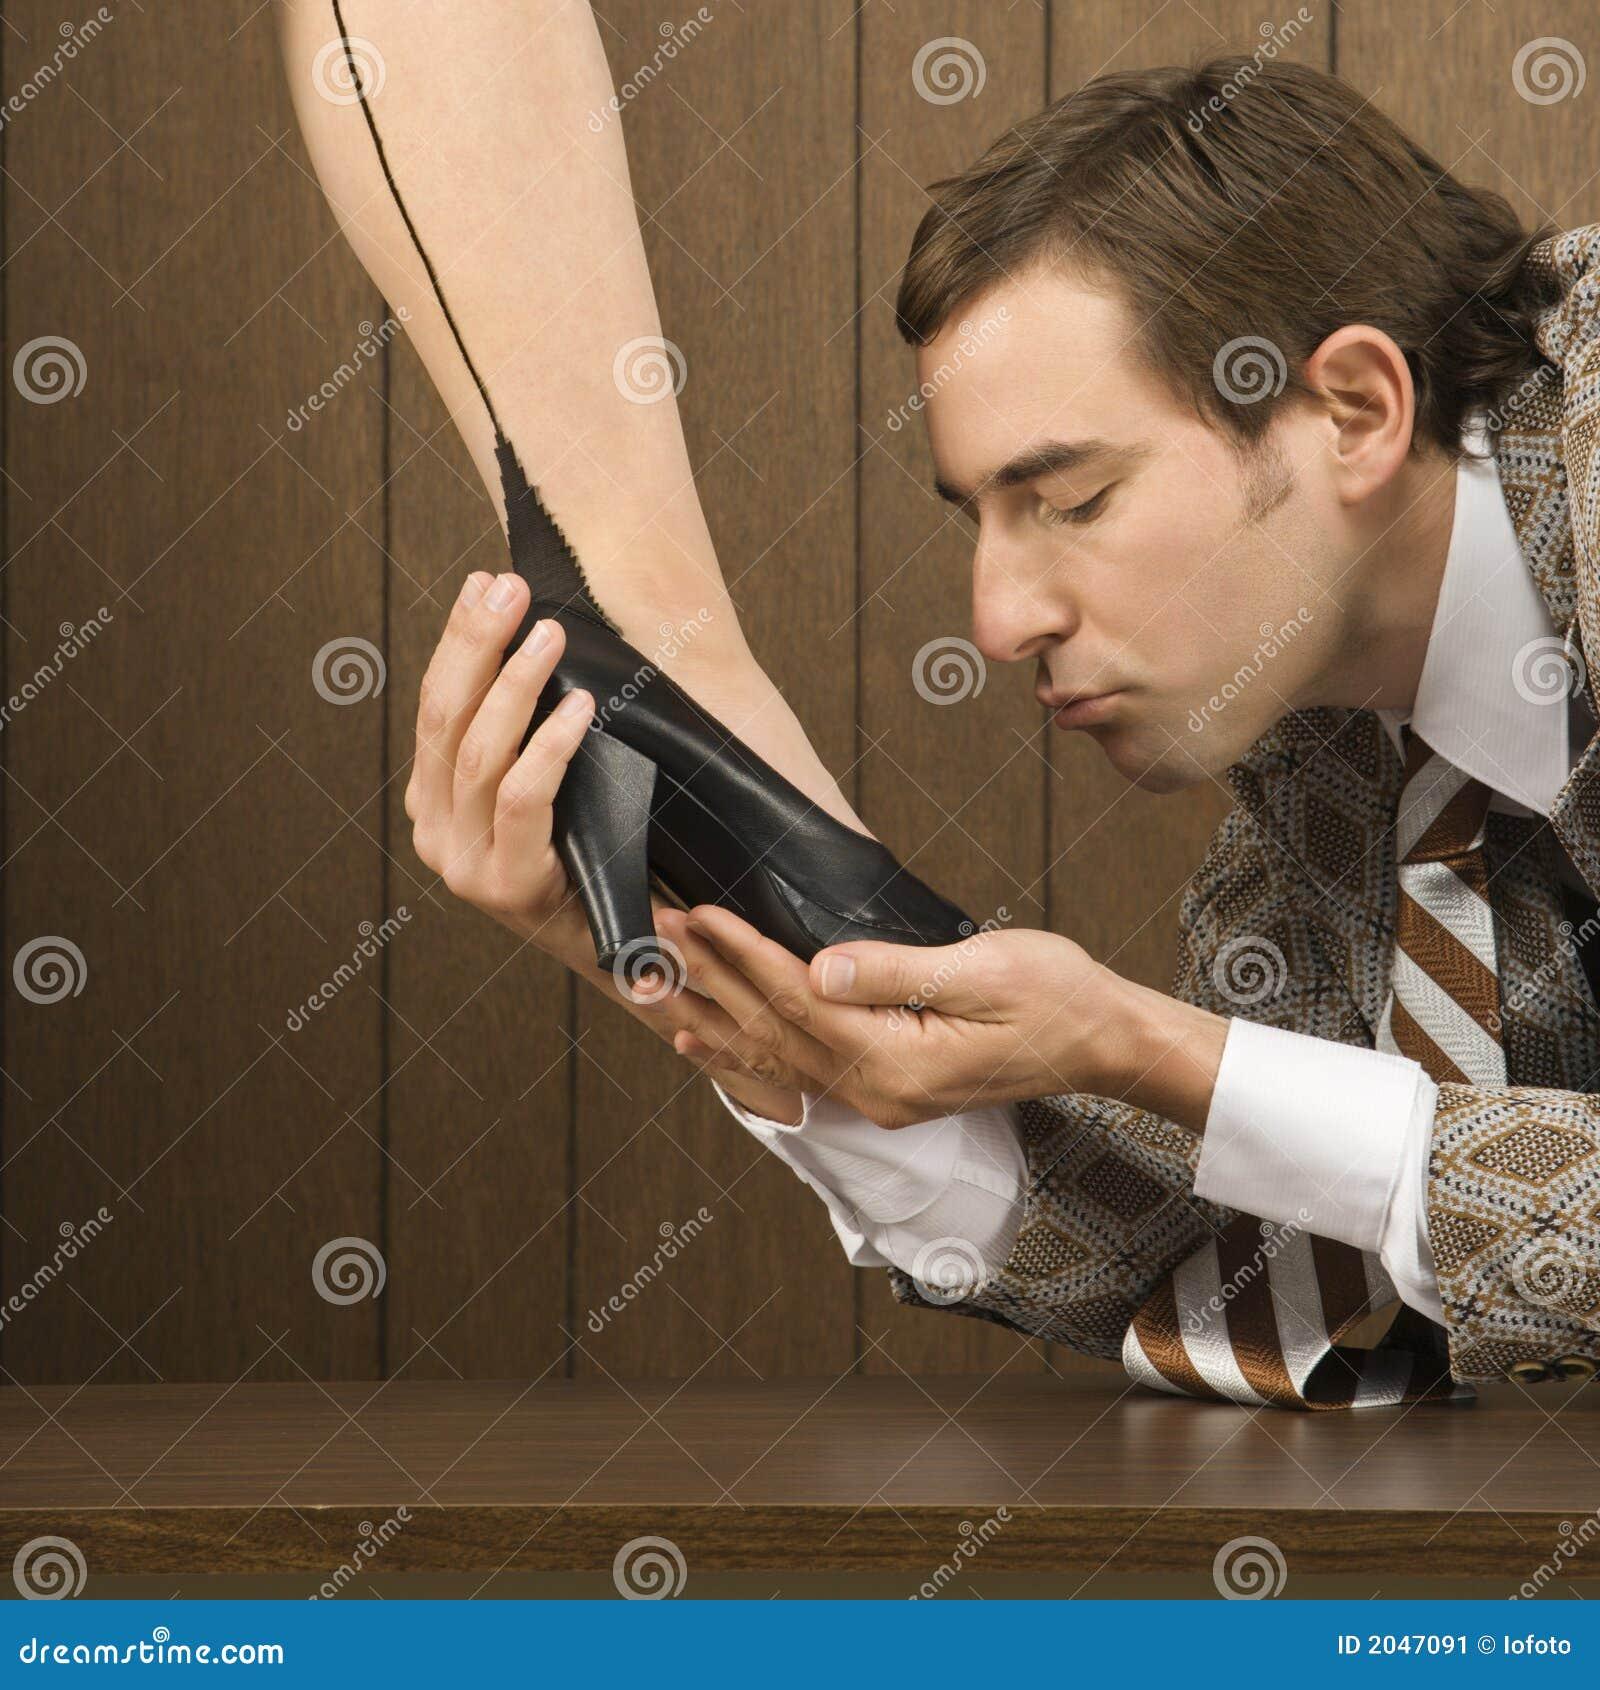 Фистинг женщина с мужчиной фото смотреть фото лижет